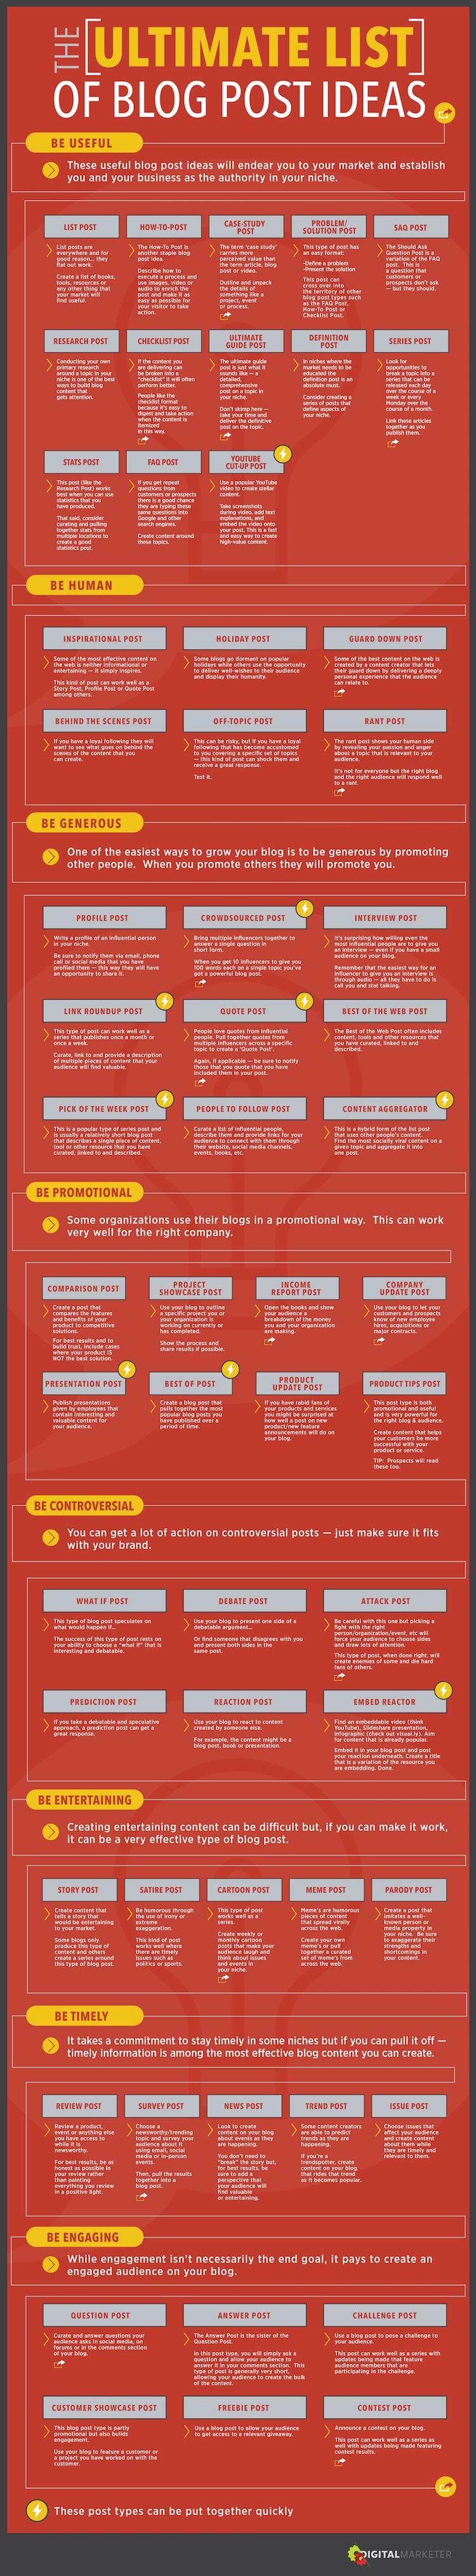 idei de articole pentru blog - infografic